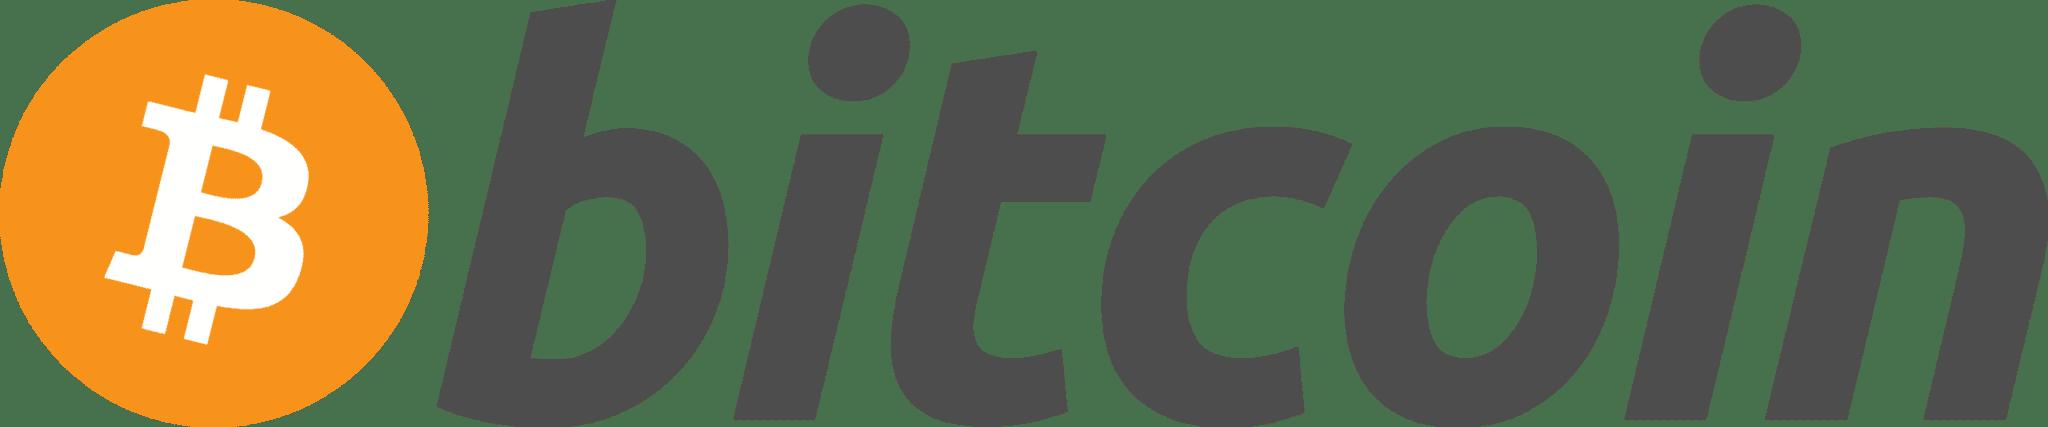 paiement-bitcoin-automate-confort